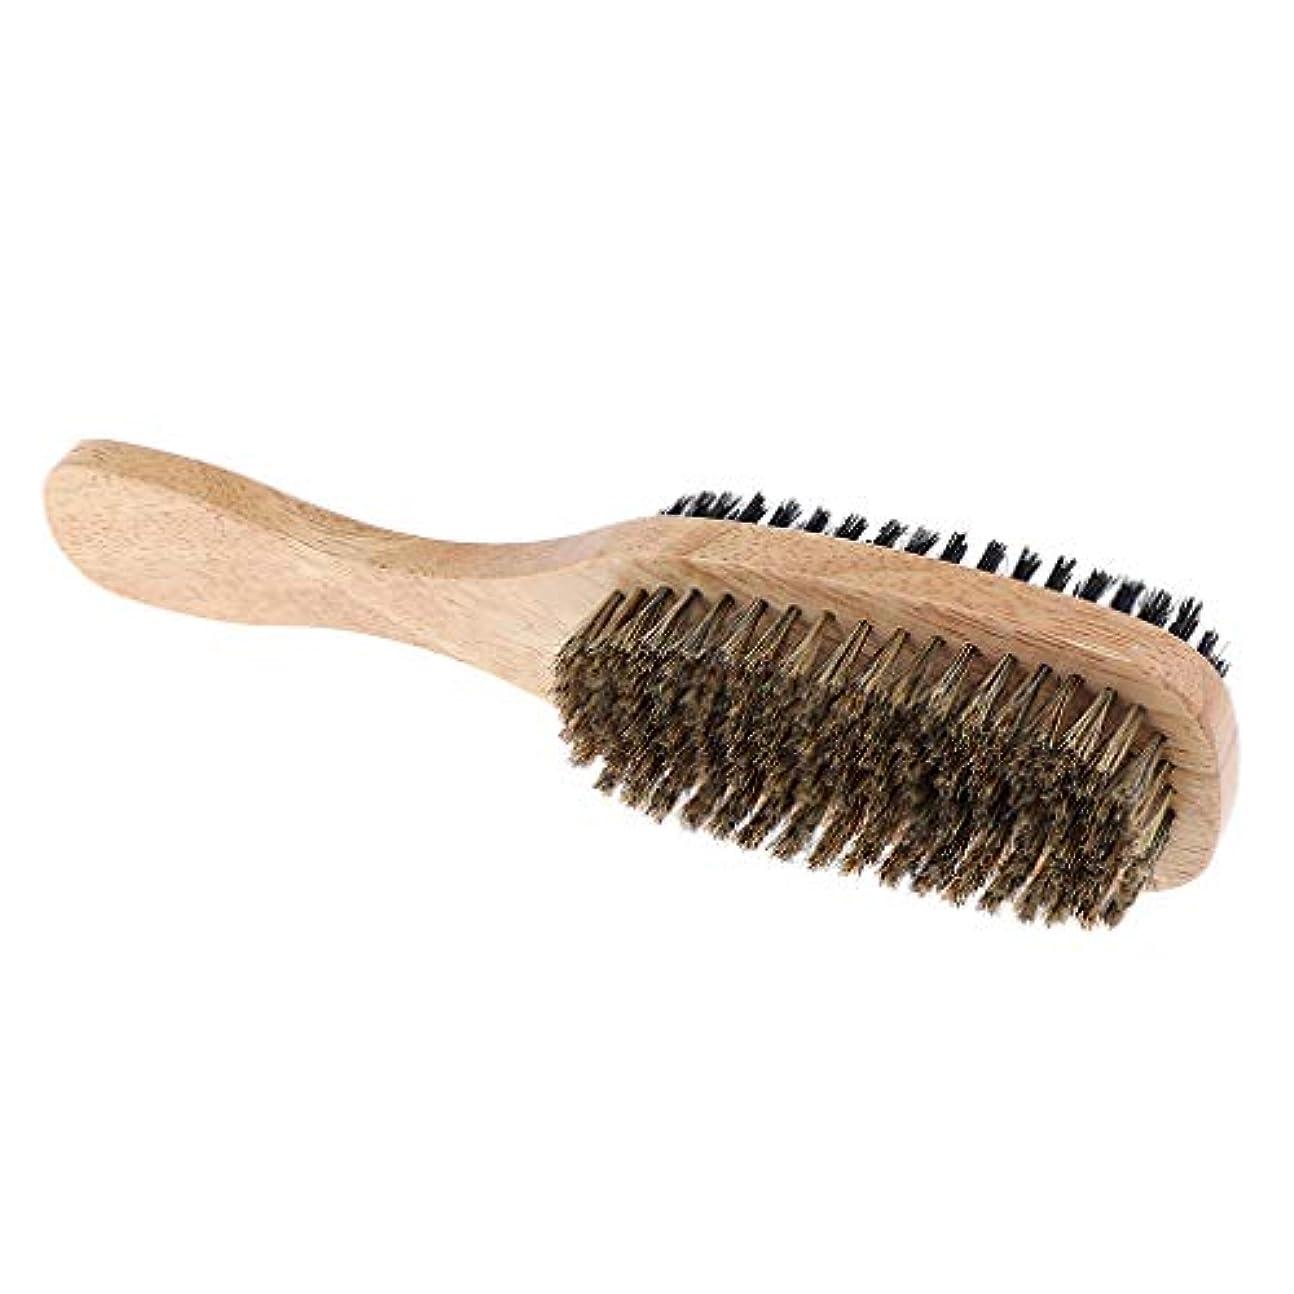 カップル突撃ヨーロッパヘアブラシ メンズ 髭剃り ヒゲ 両面ブラシ 木製ハンドル 3サイズ選べ - A